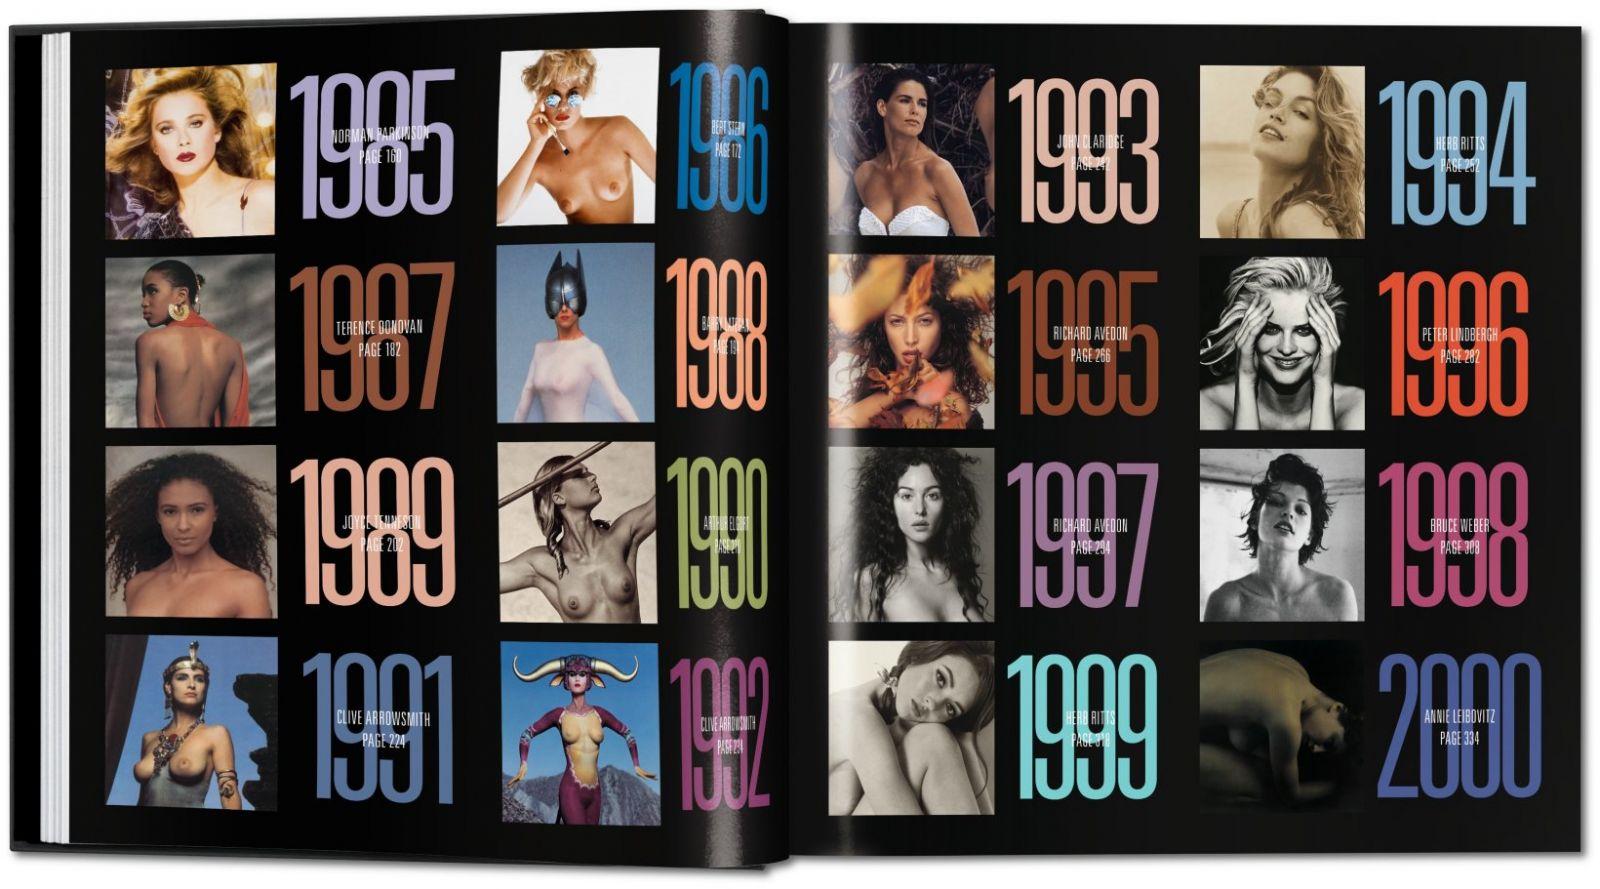 50 обнаженных лет: выходит книга с лучшими снимками календаря Pirelli - фото №1